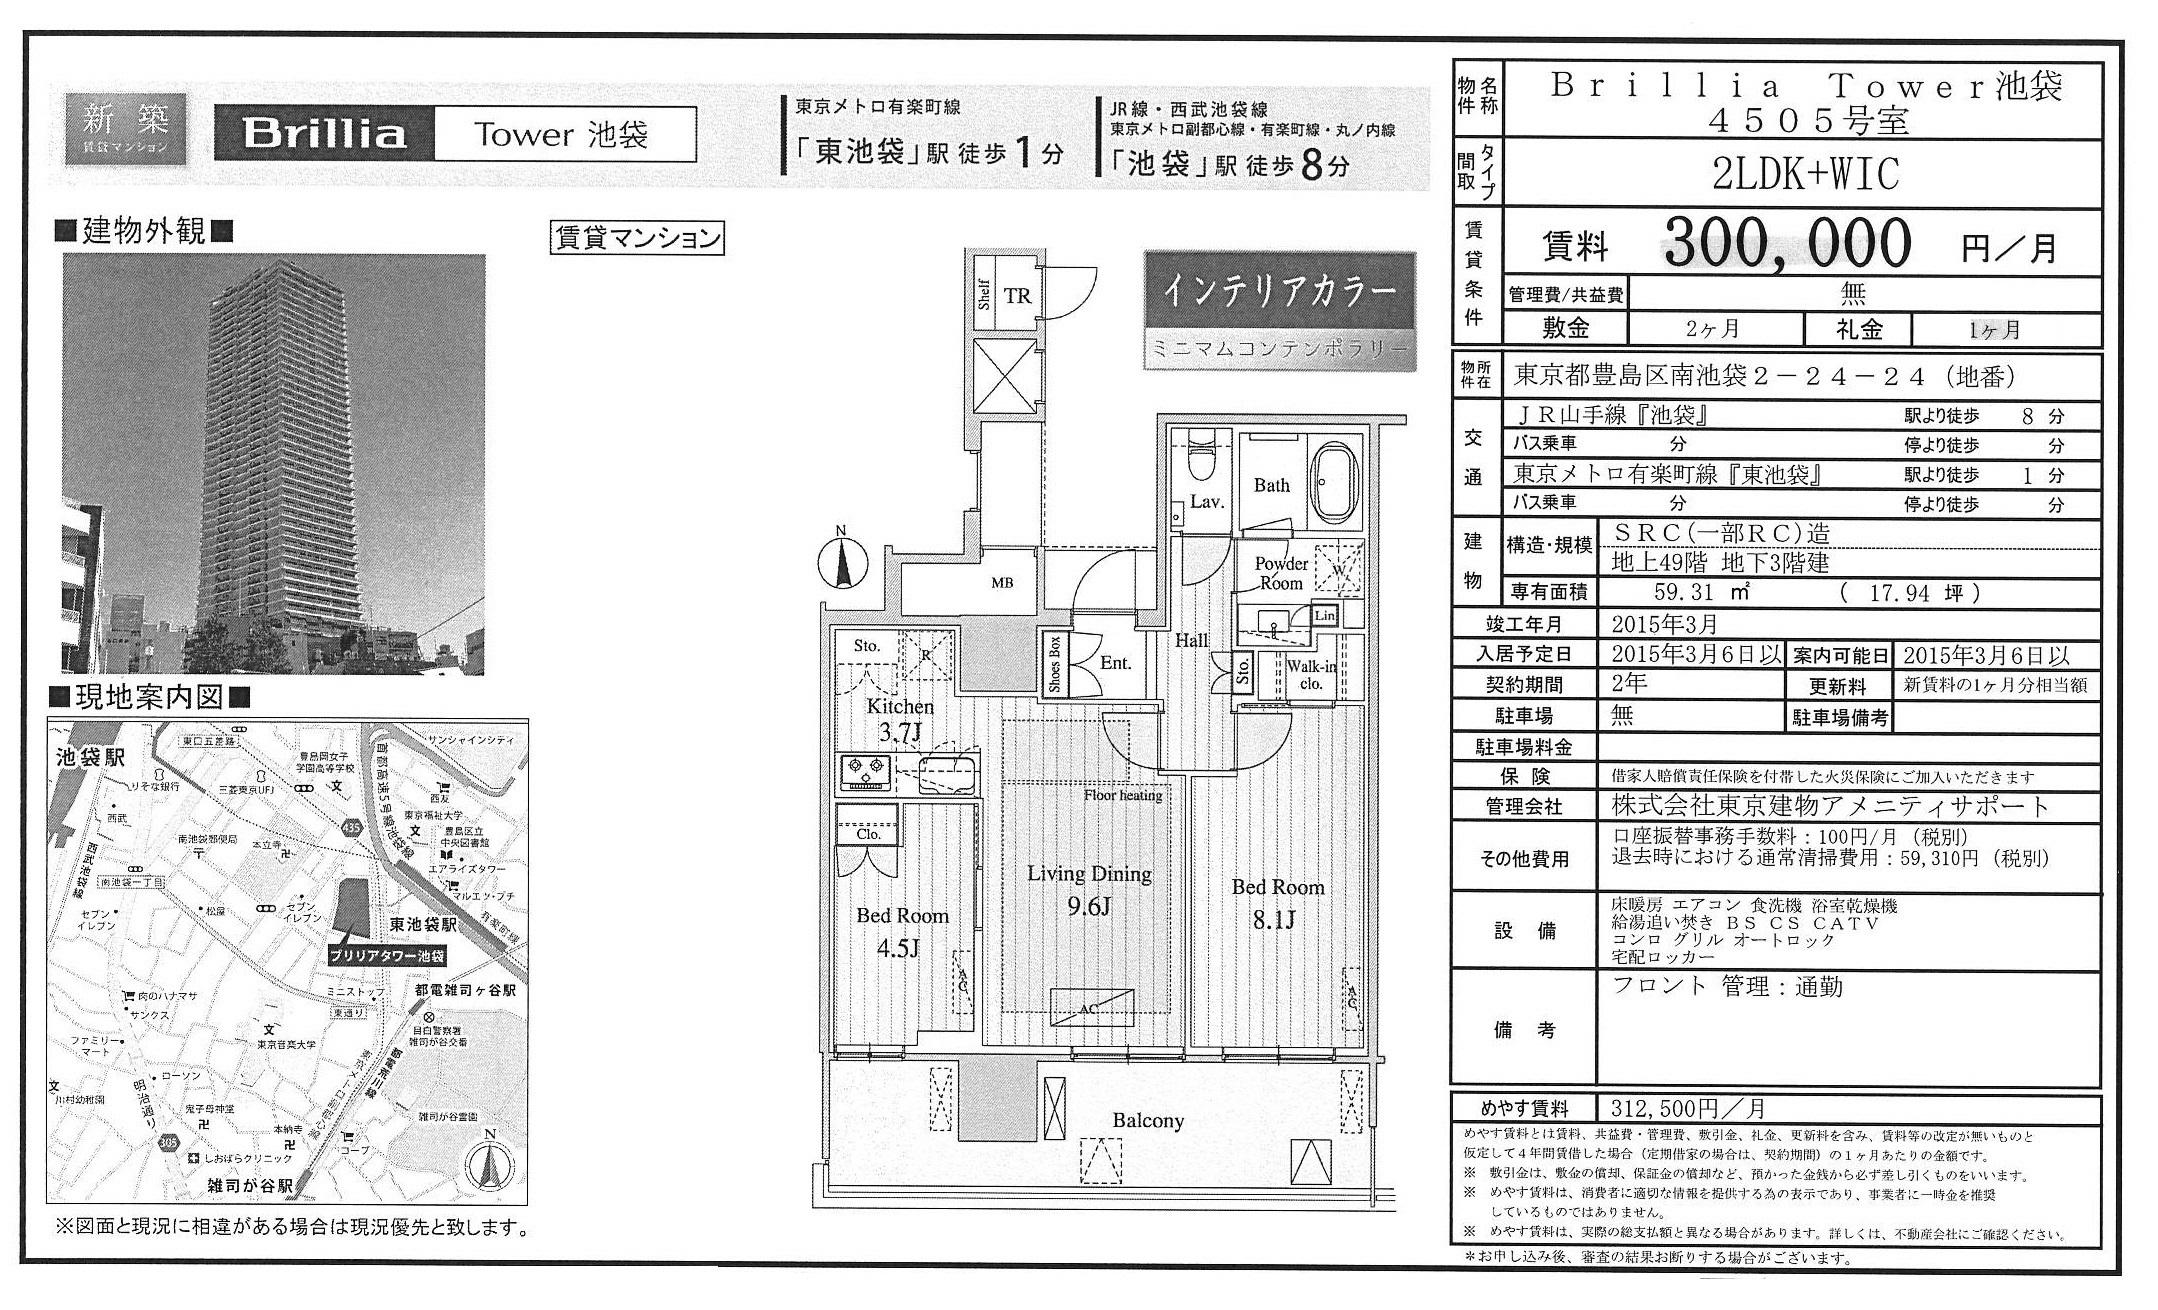 ブリリアタワー池袋図面4505号室